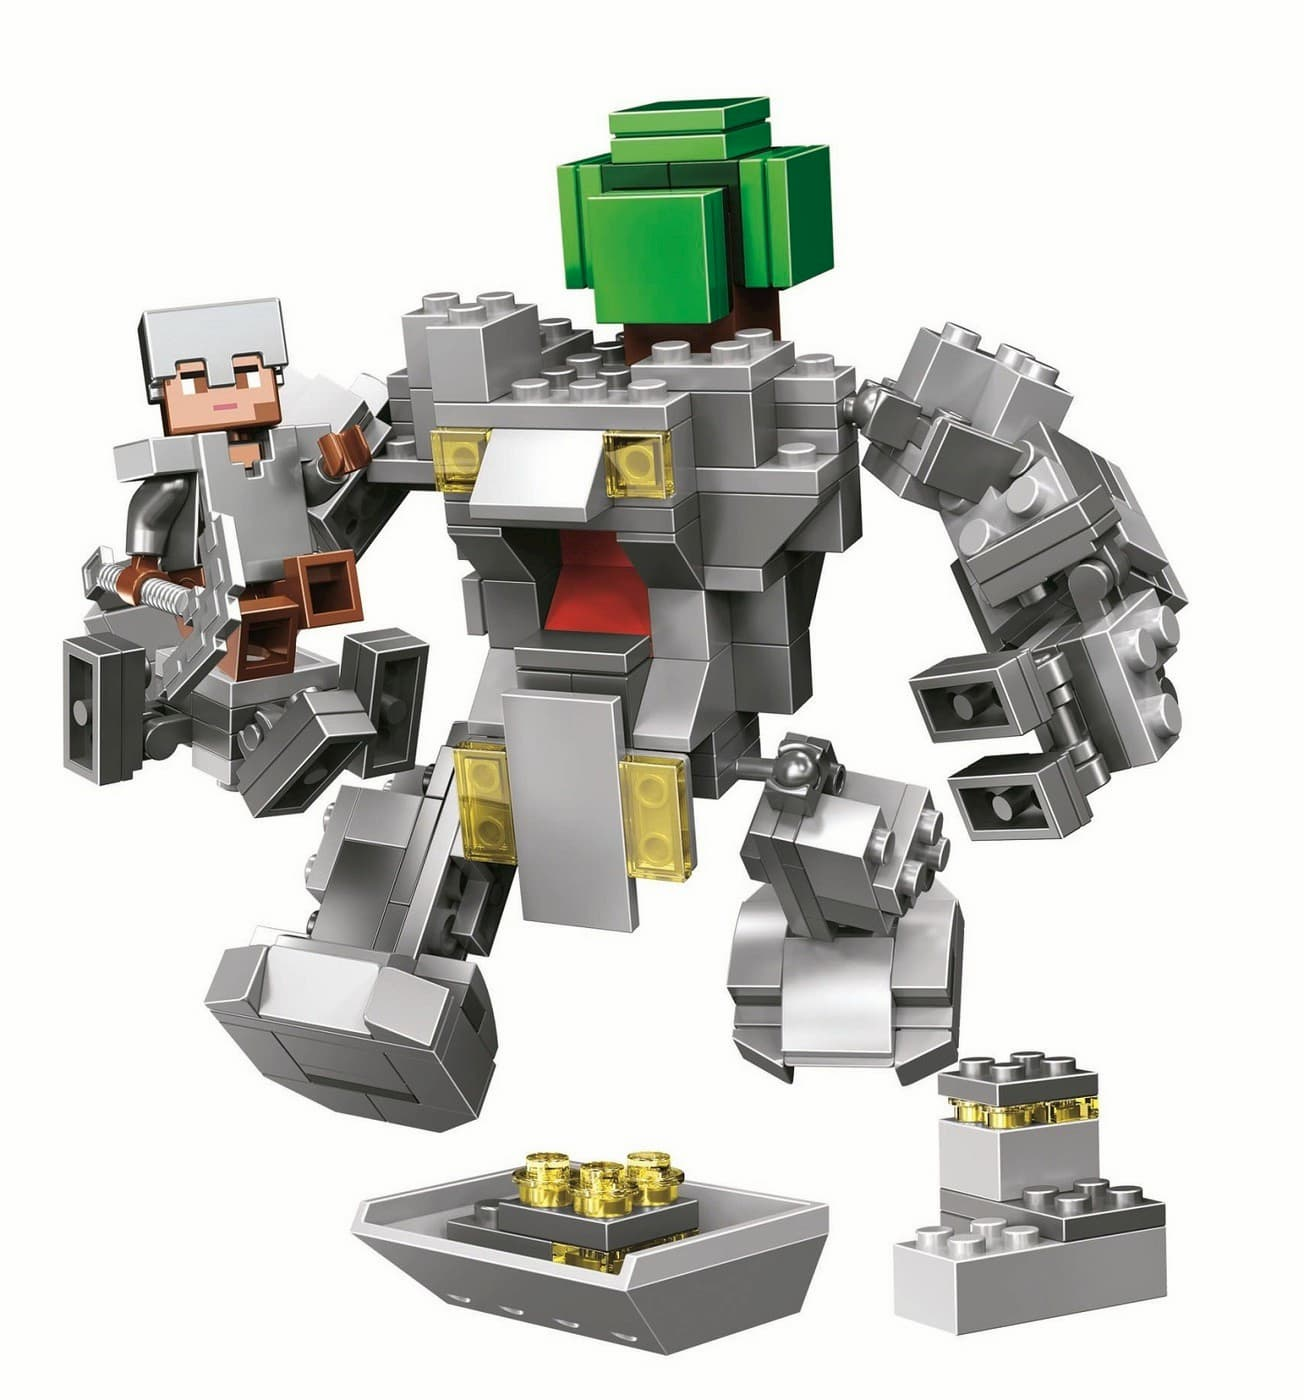 Конструктор Bl «Робот Титан» 11135 (Minecraft) / 221 деталь